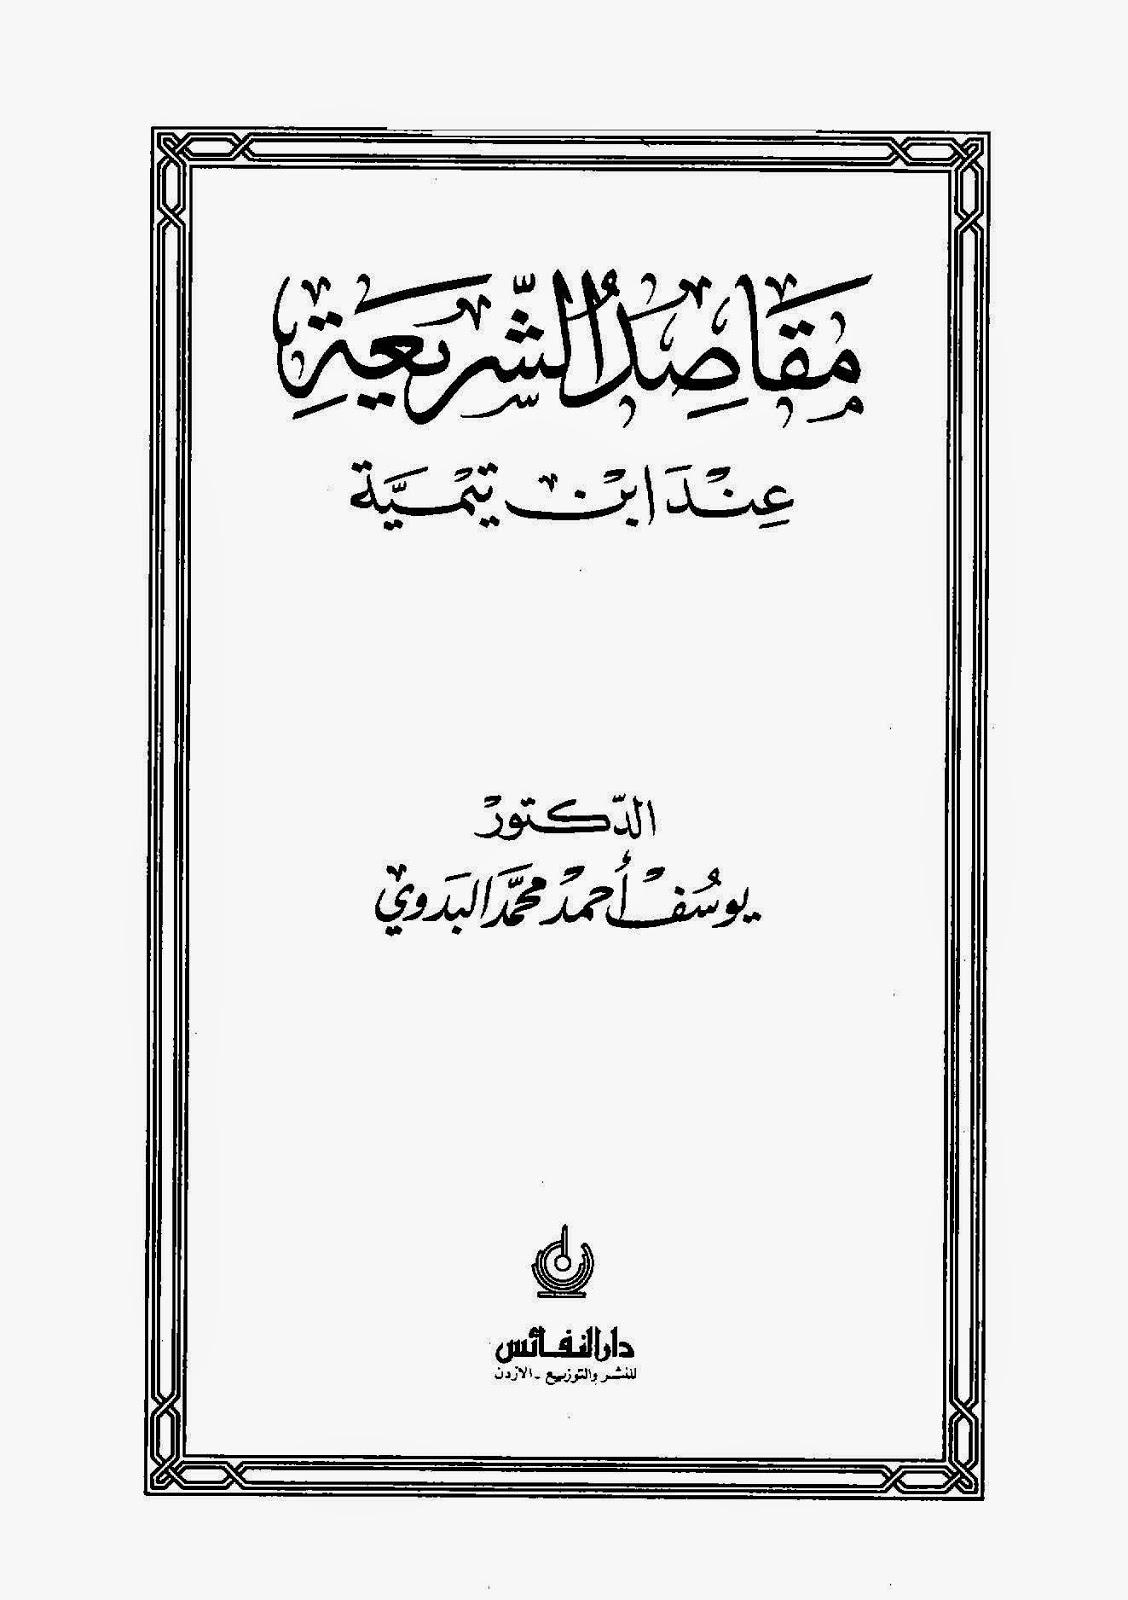 مقاصد الشريعة عند ابن تيمية - يوسف البدوي